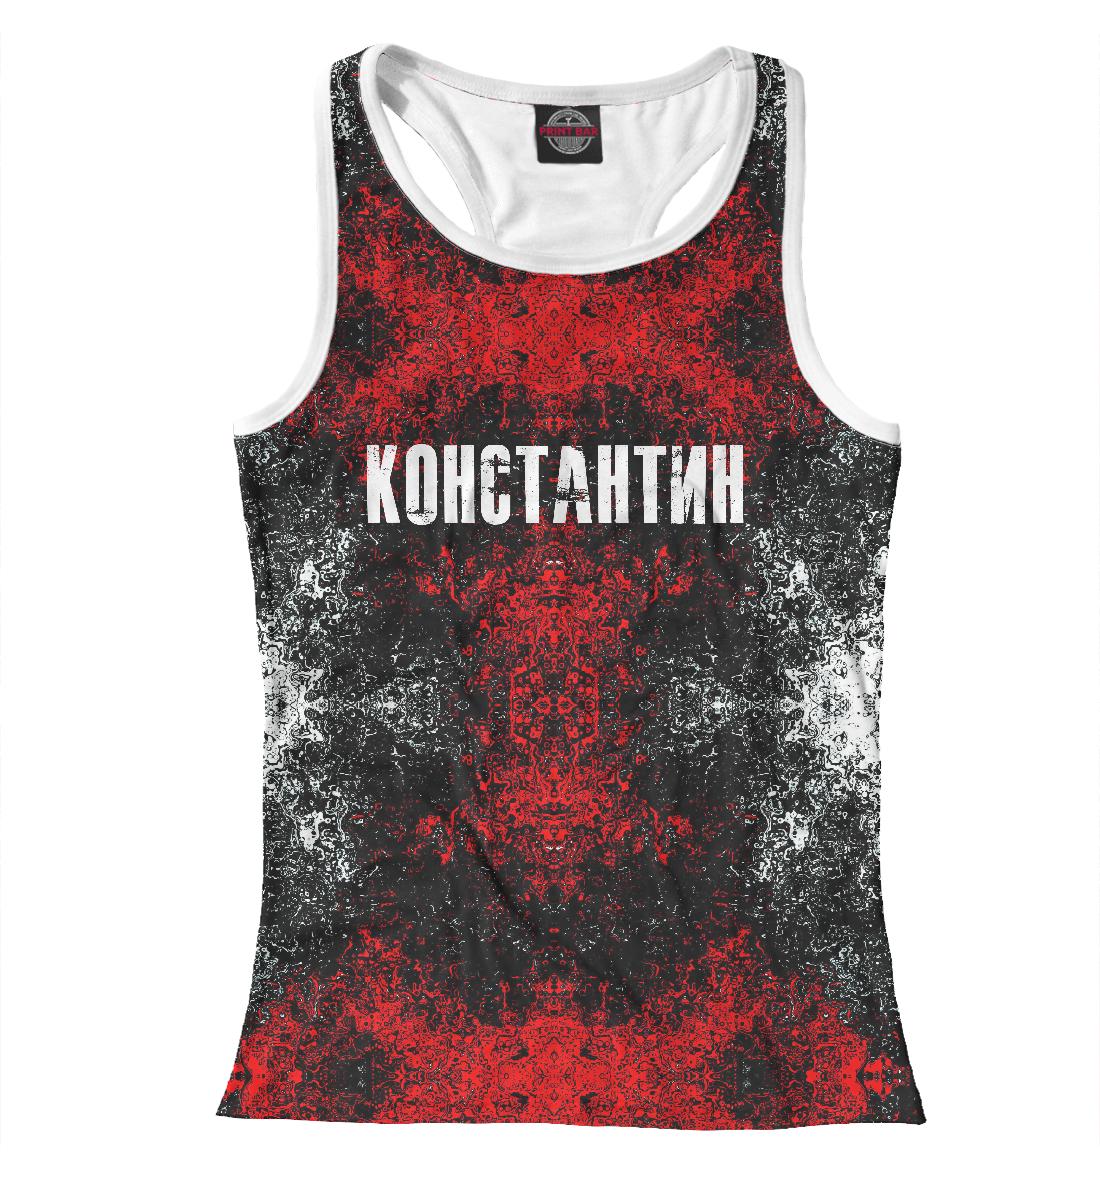 Купить Константин, Printbar, Майки борцовки, KST-707947-mayb-1